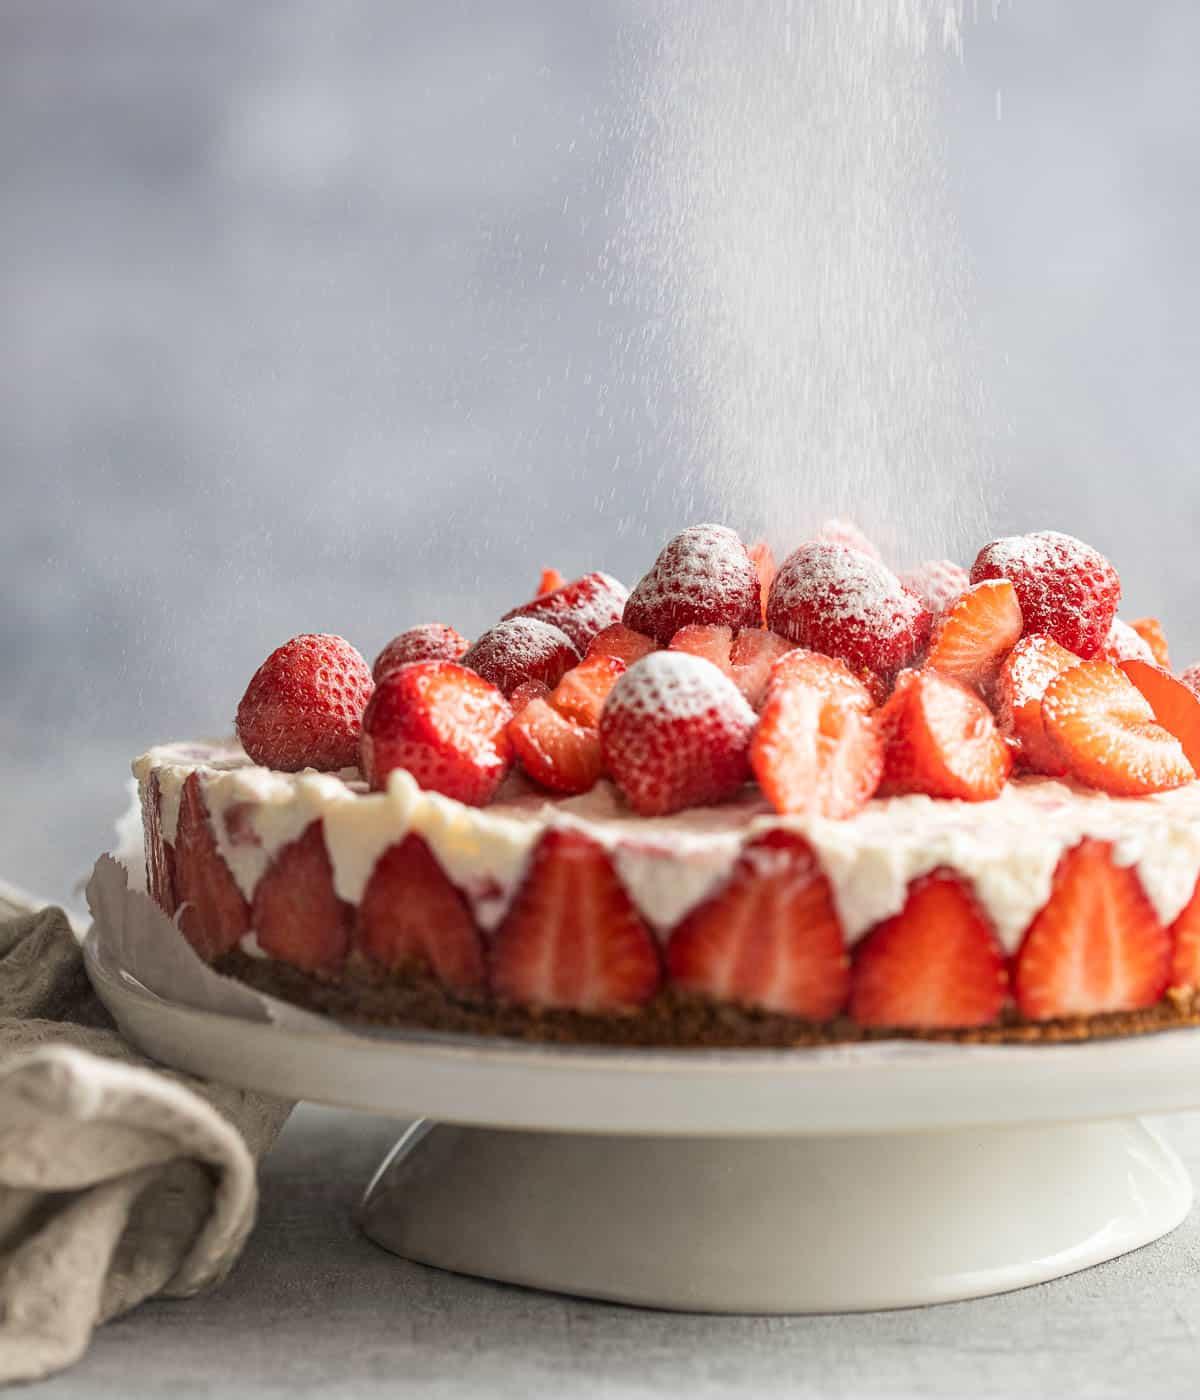 Yoghurt aardbeien cheesecake